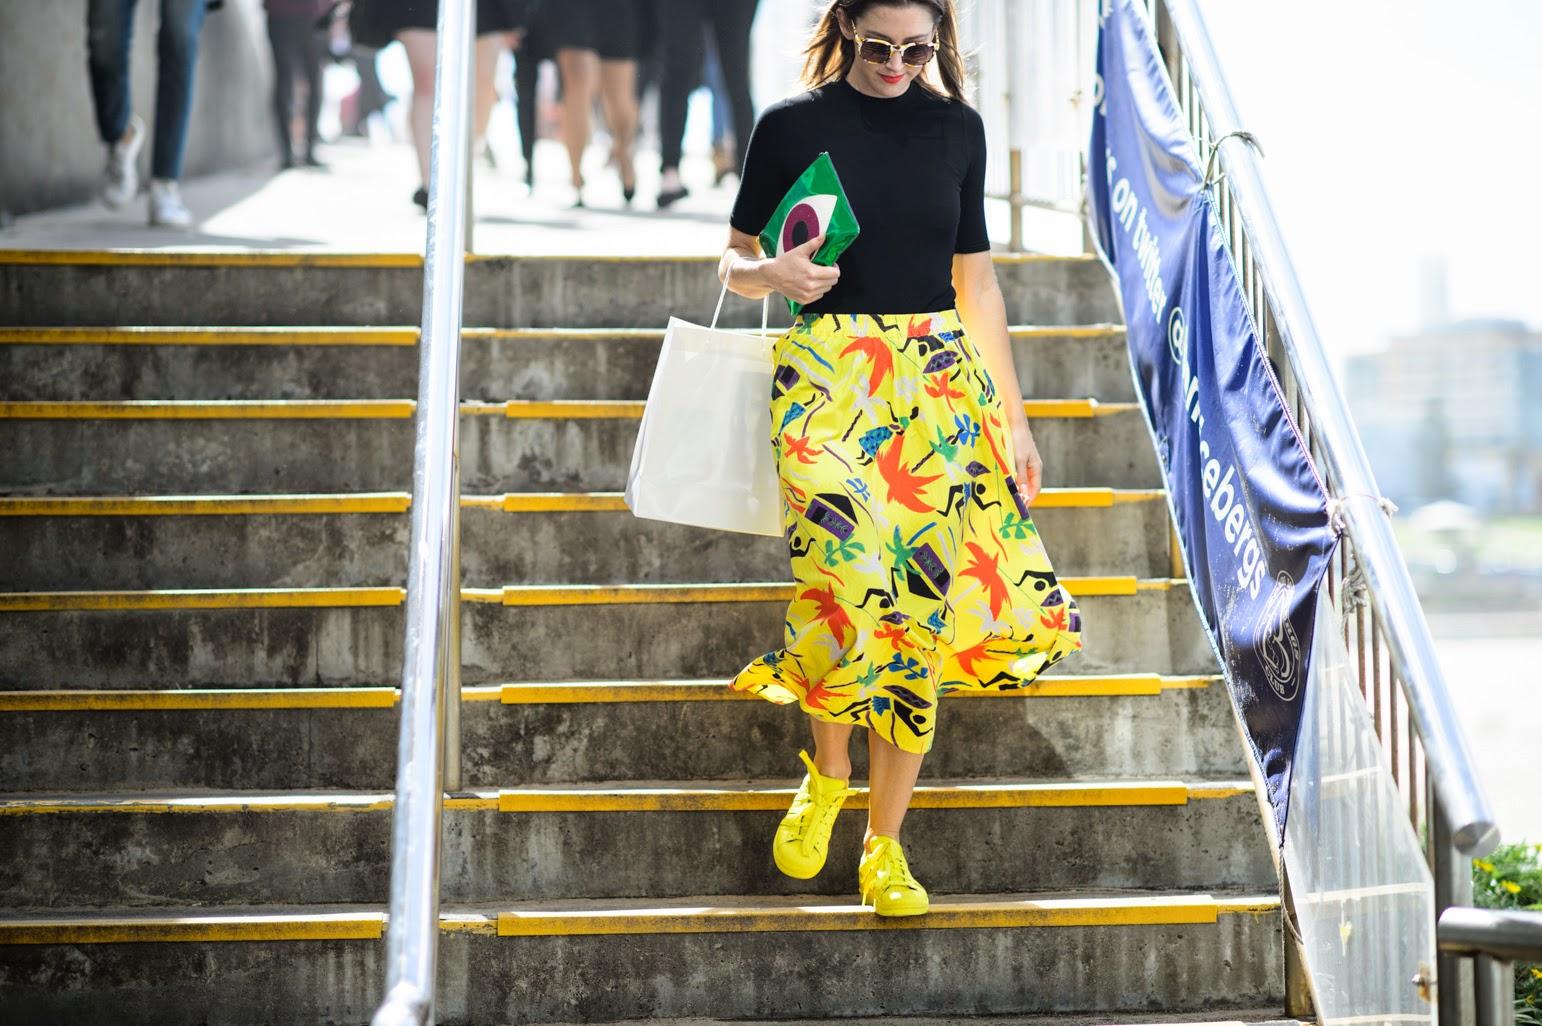 http://www.elblogdepatricia.com/2009/09/para-el-recuerdo-un-libro-manolo.html